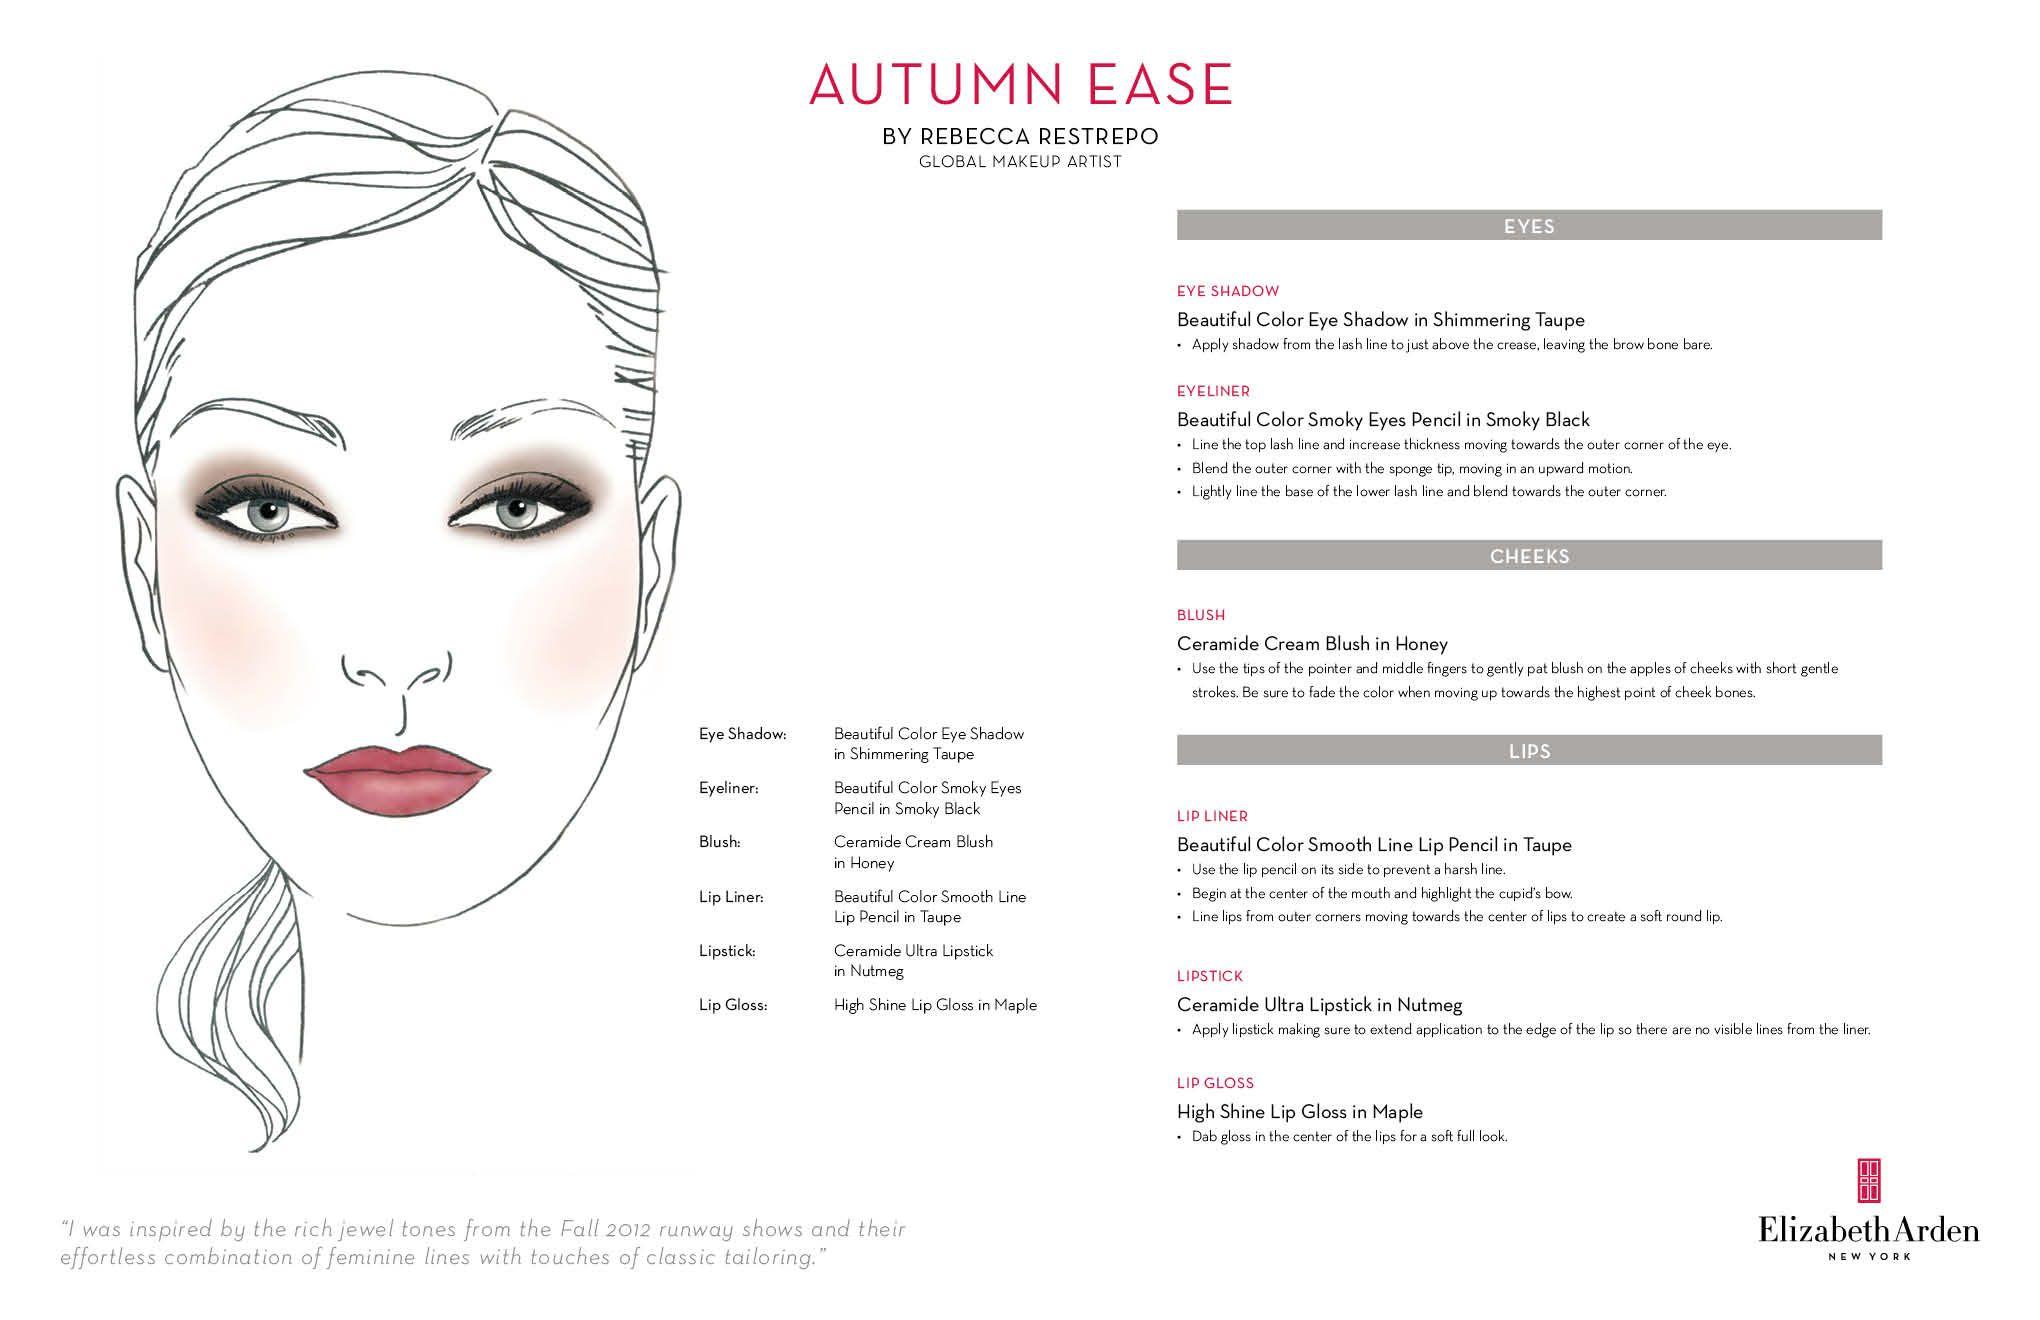 Elizabeth Arden's Autumn Ease Face Chart Face chart